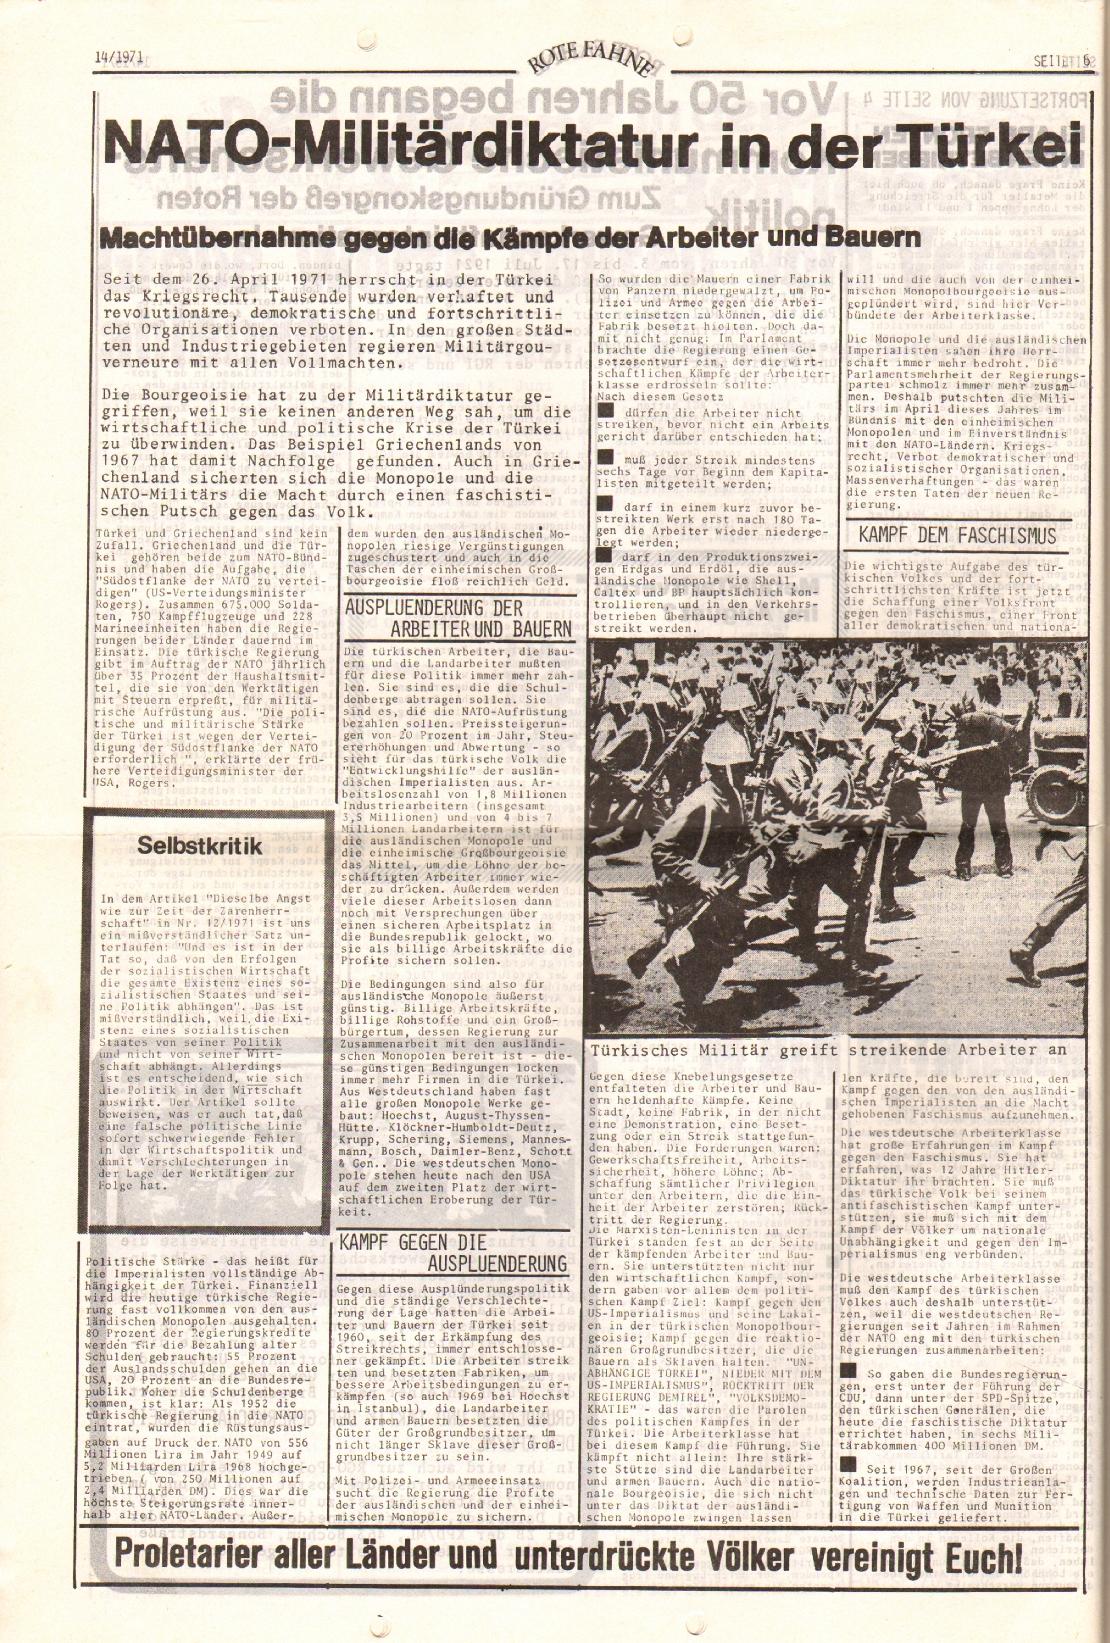 Rote Fahne, 2. Jg., 19.7.1971, Nr. 14, Seite 6